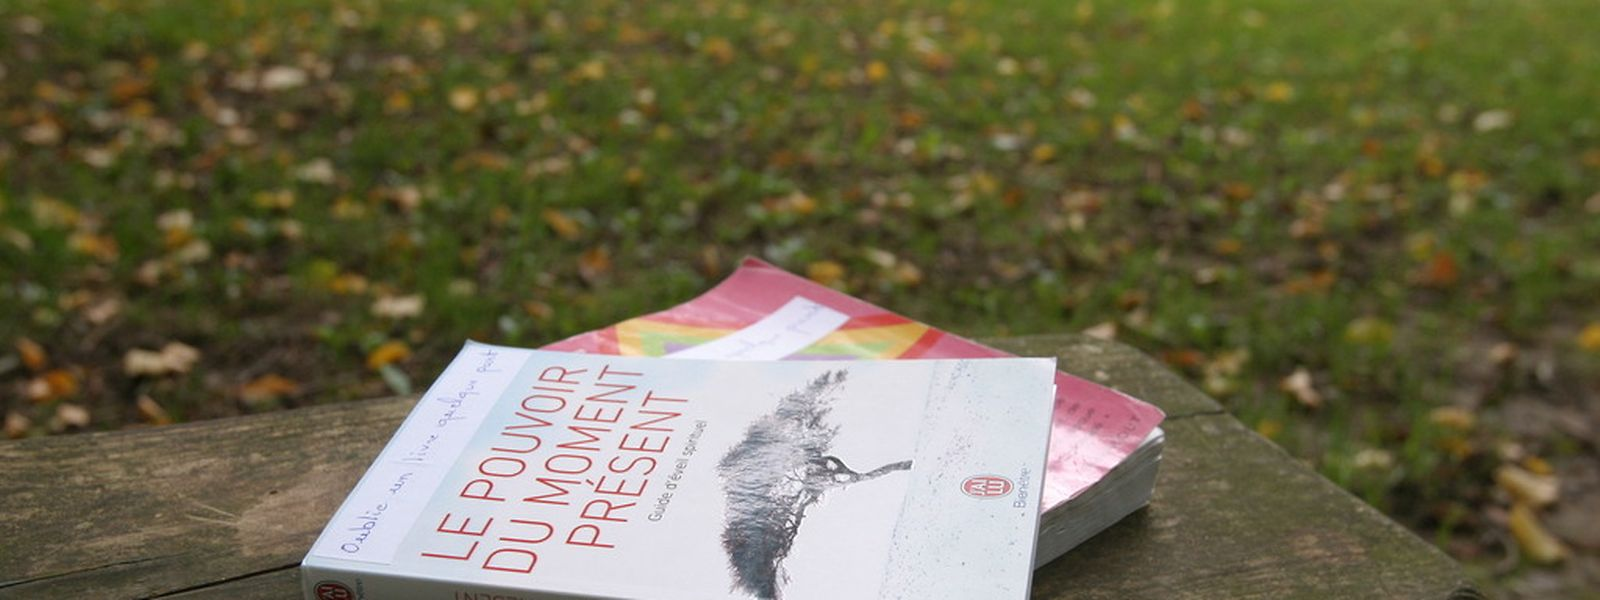 """Une simple étiquette indiquant """"Oublie un livre quelque part"""" permettra à chacun de voir très vite que l'objet a été posé là intentionnellement."""